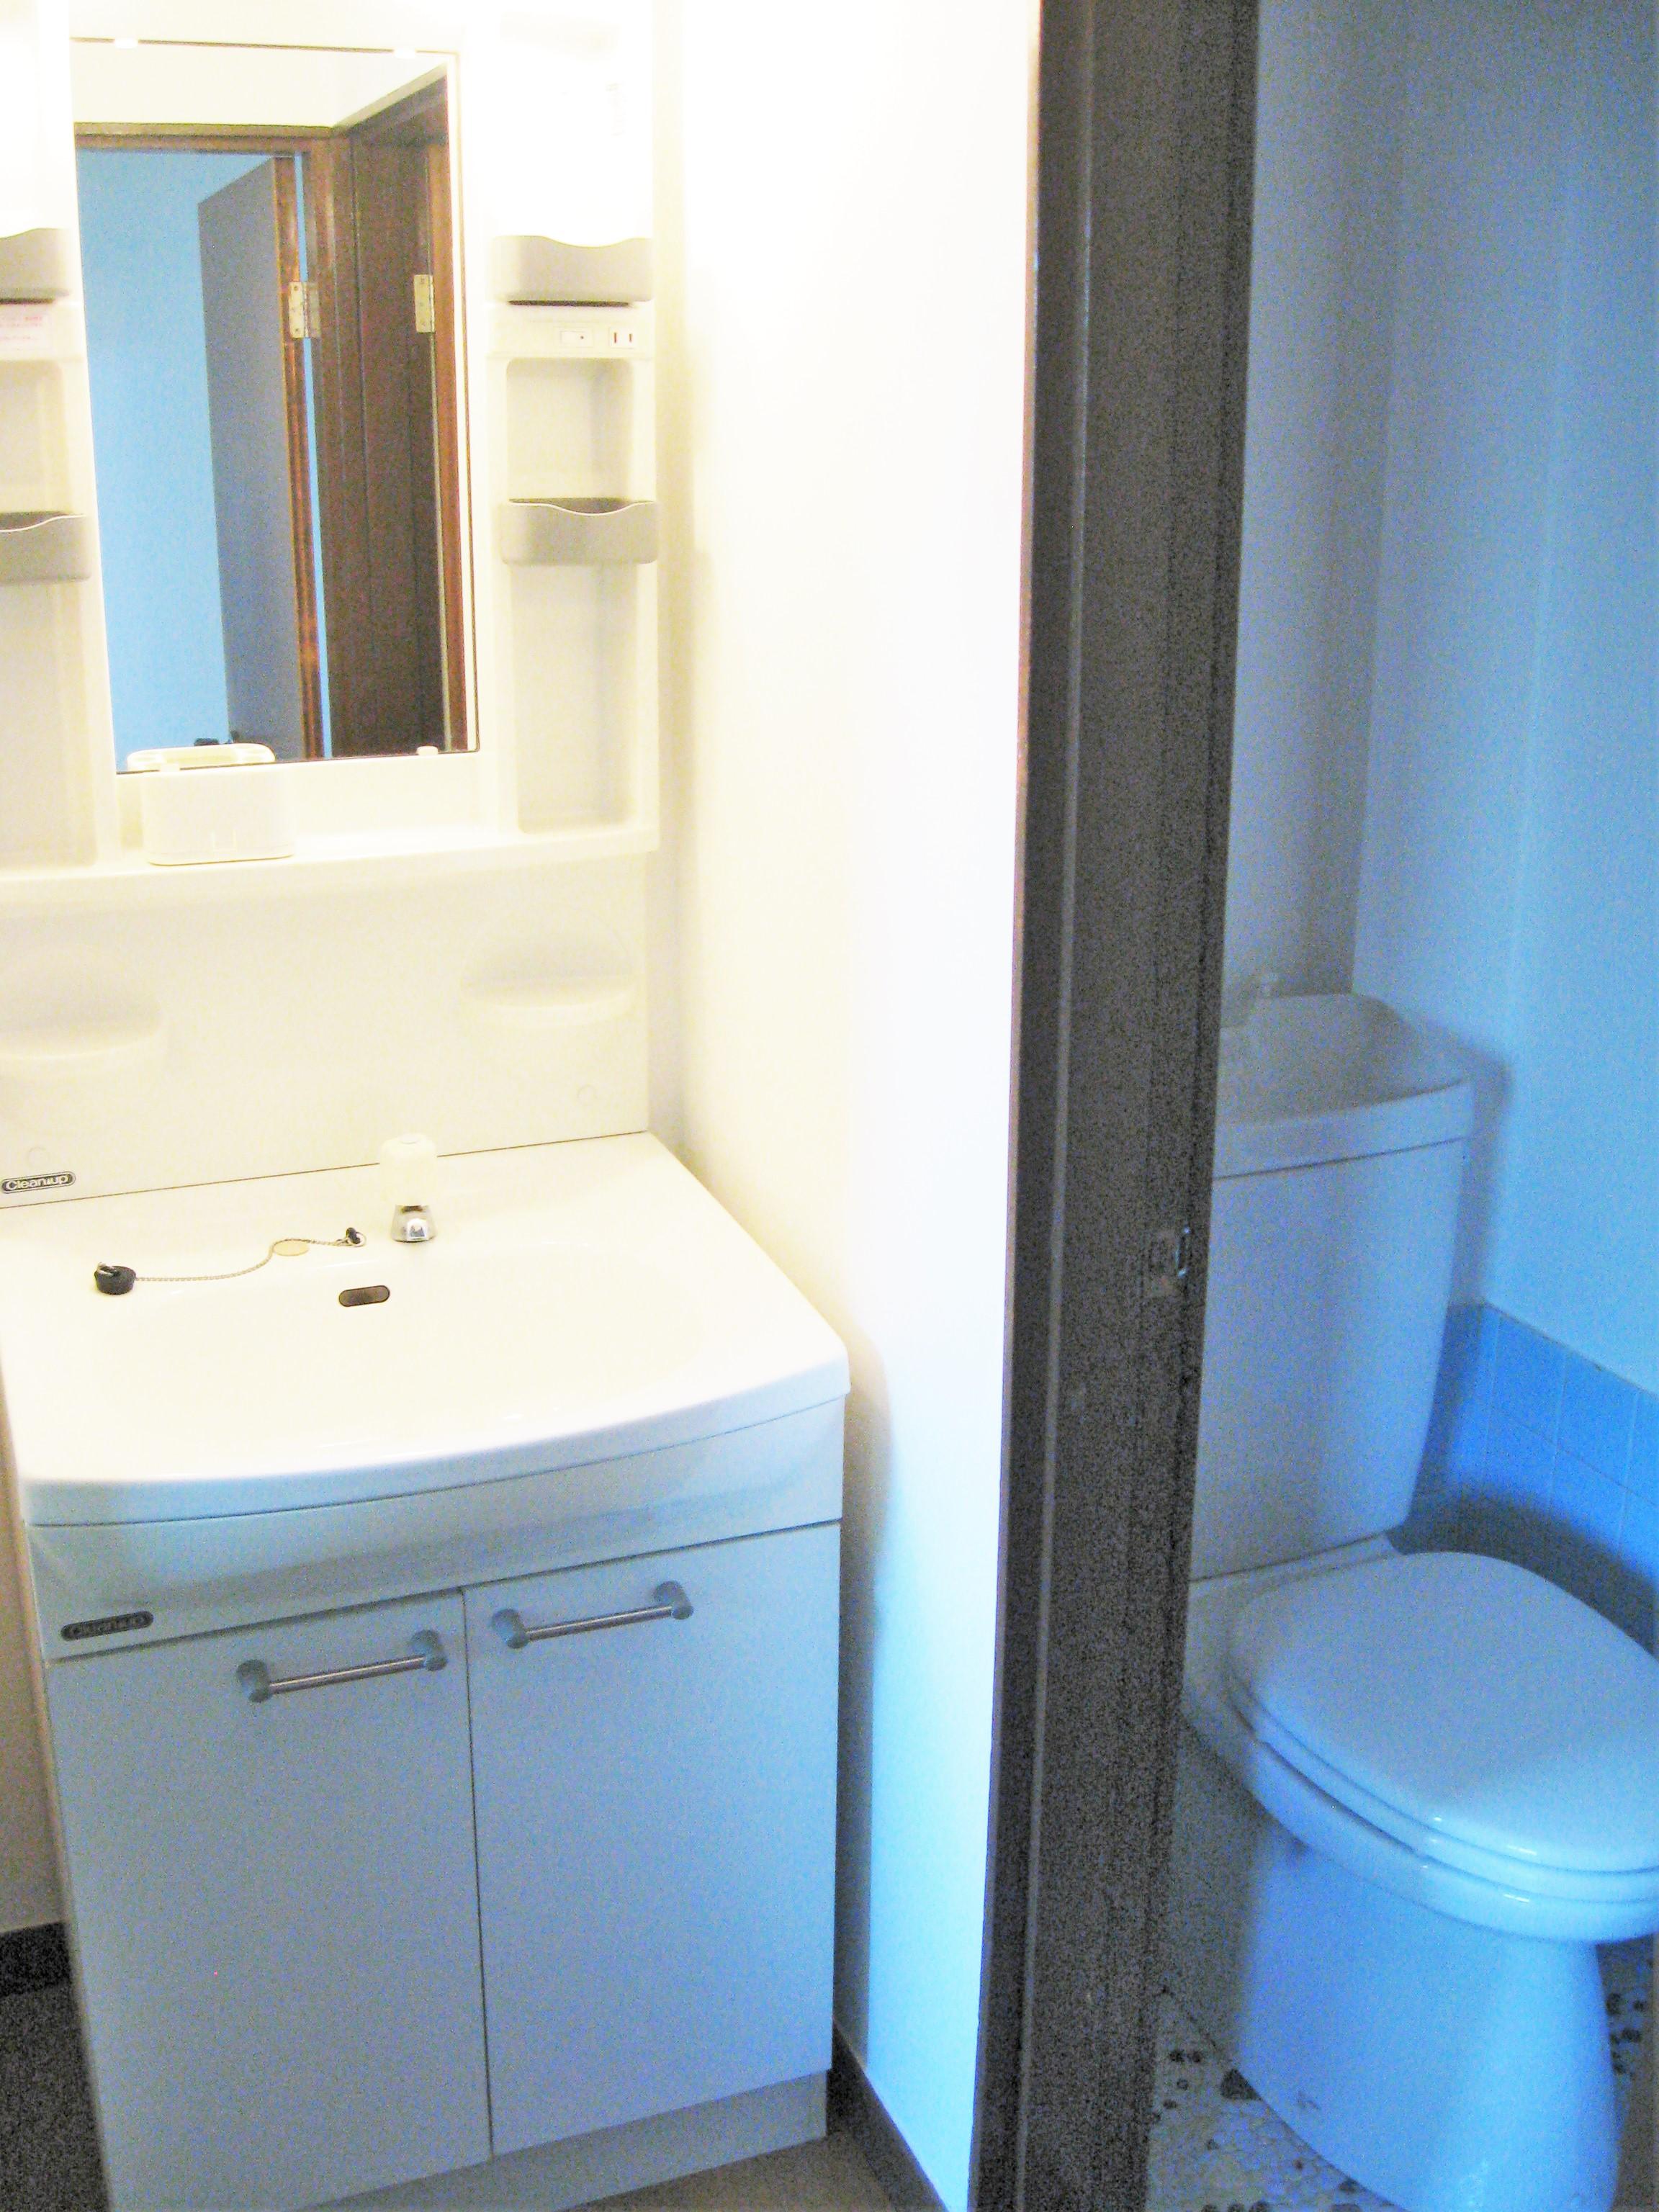 アパート洗面所、トイレ、風呂場